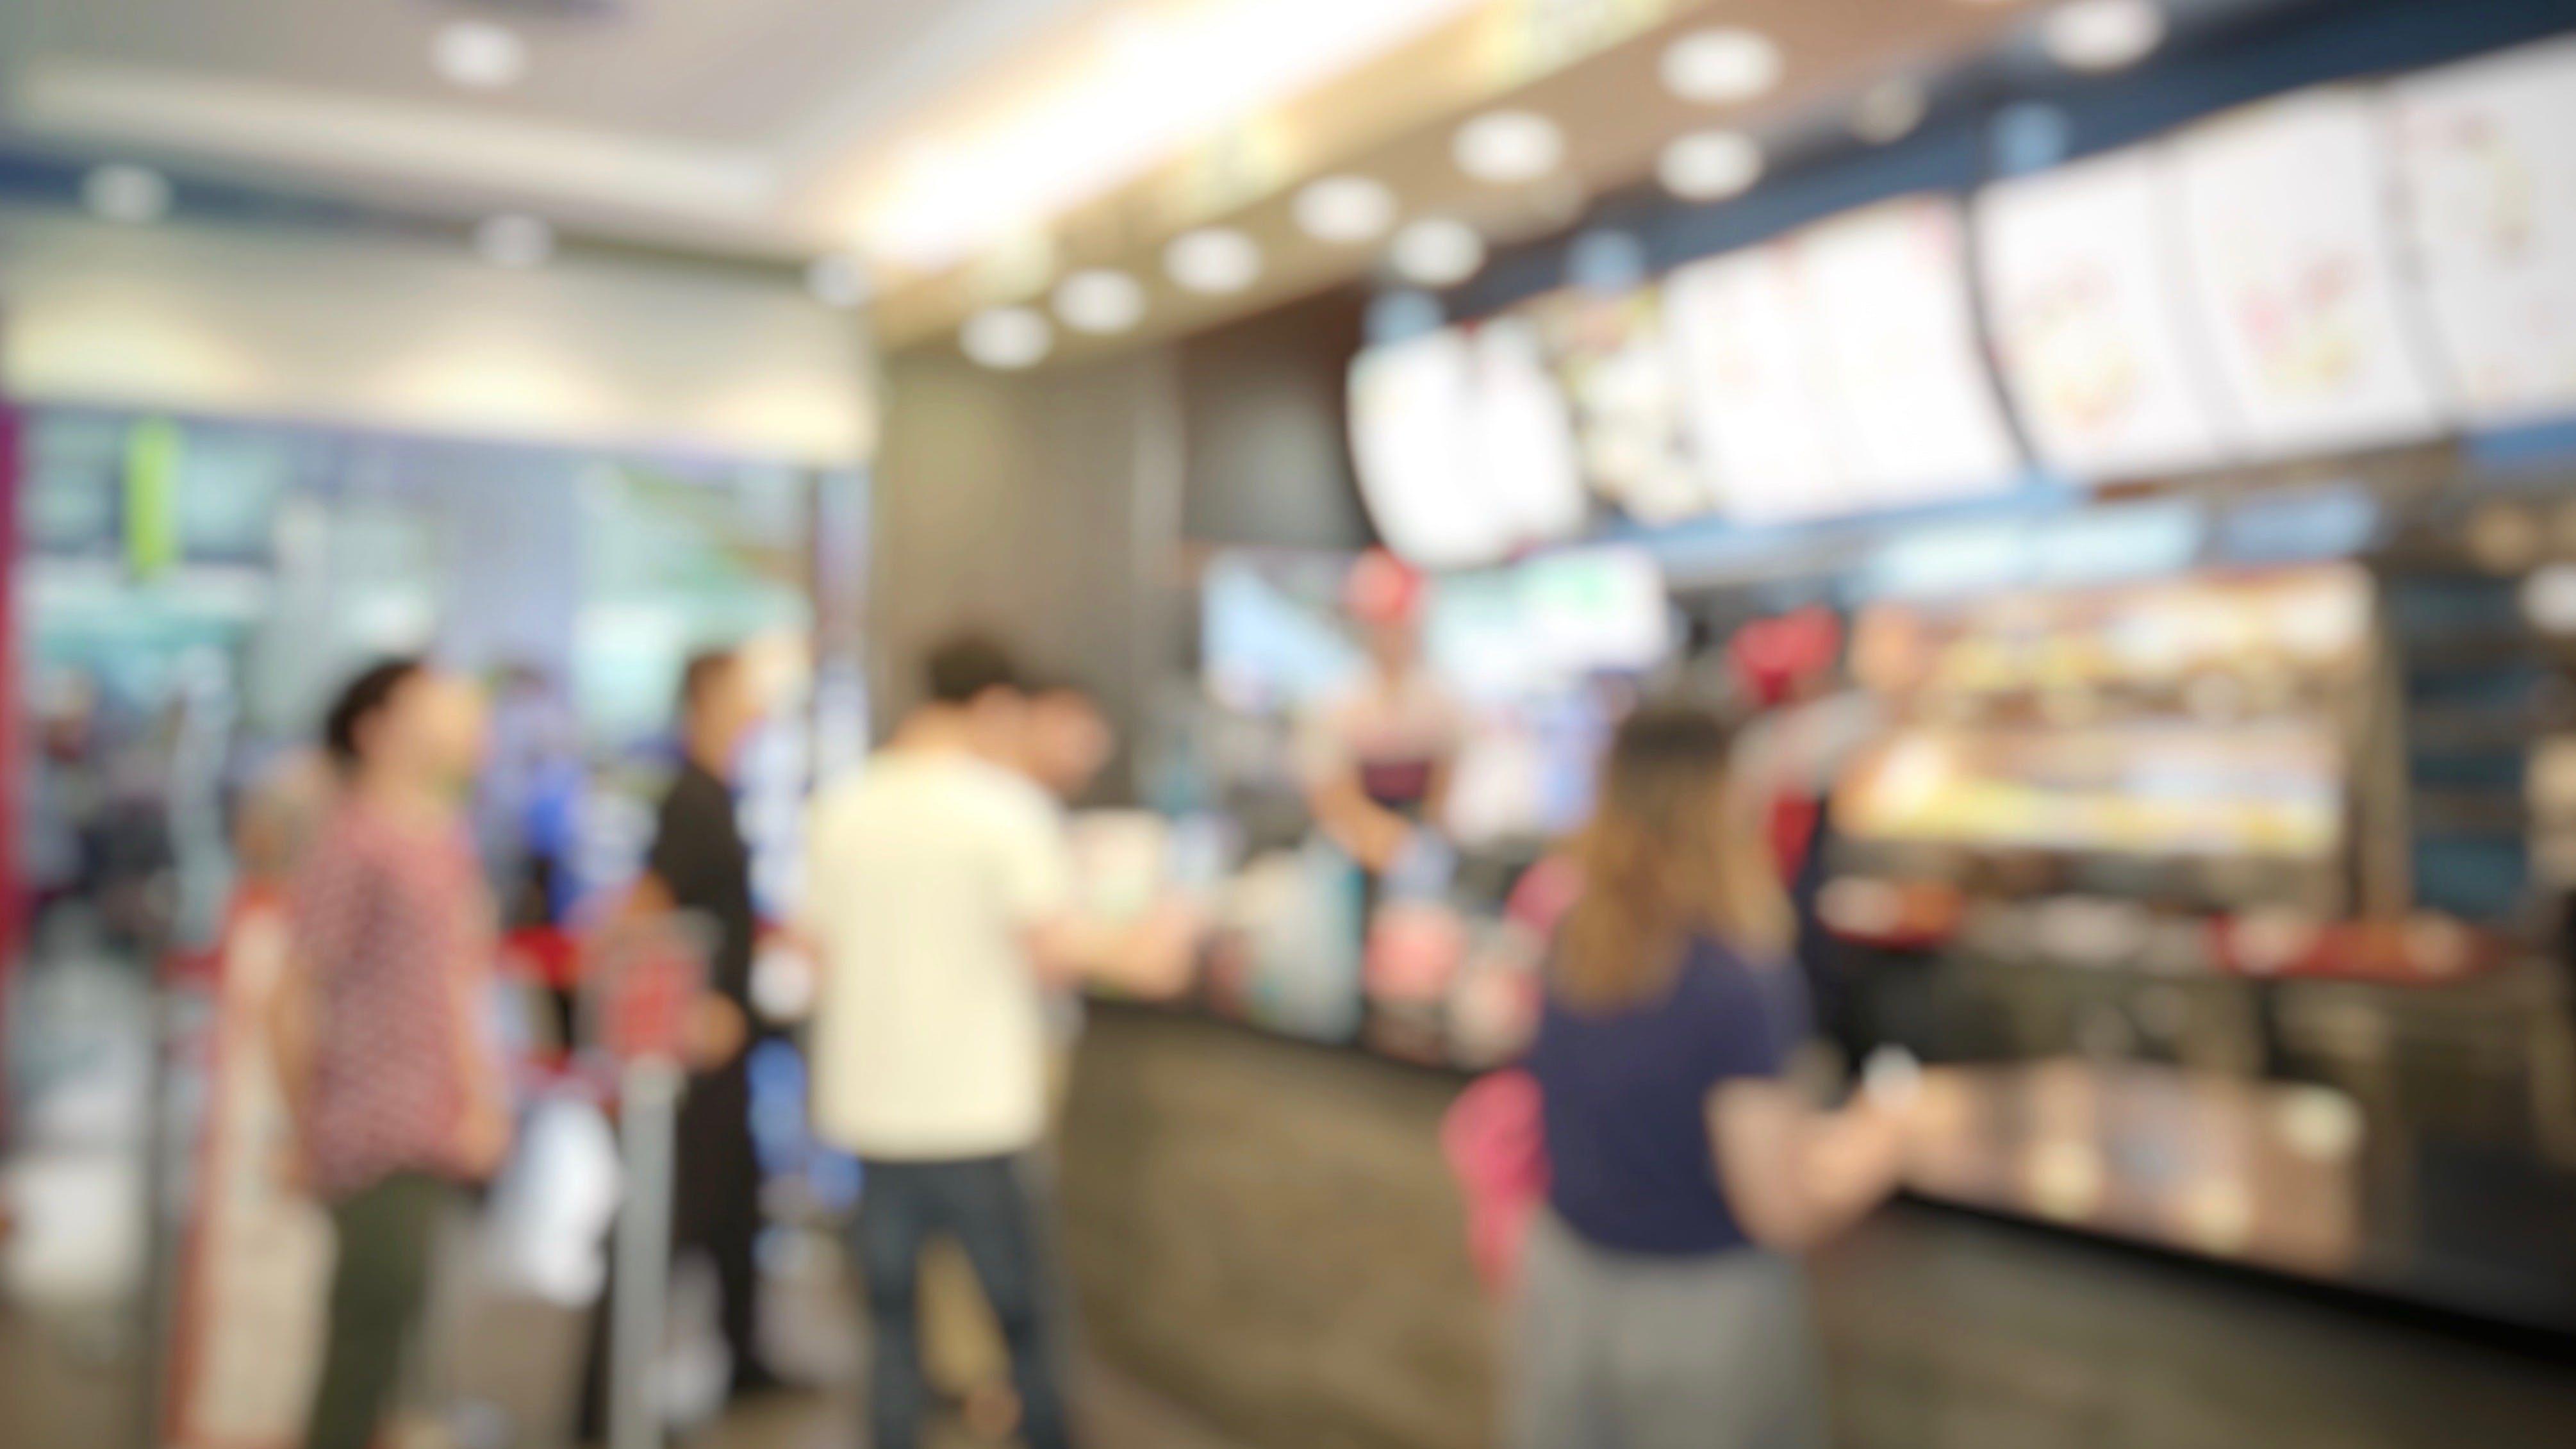 Nueva York está sopesando advertir sobre el azúcar en restaurantes